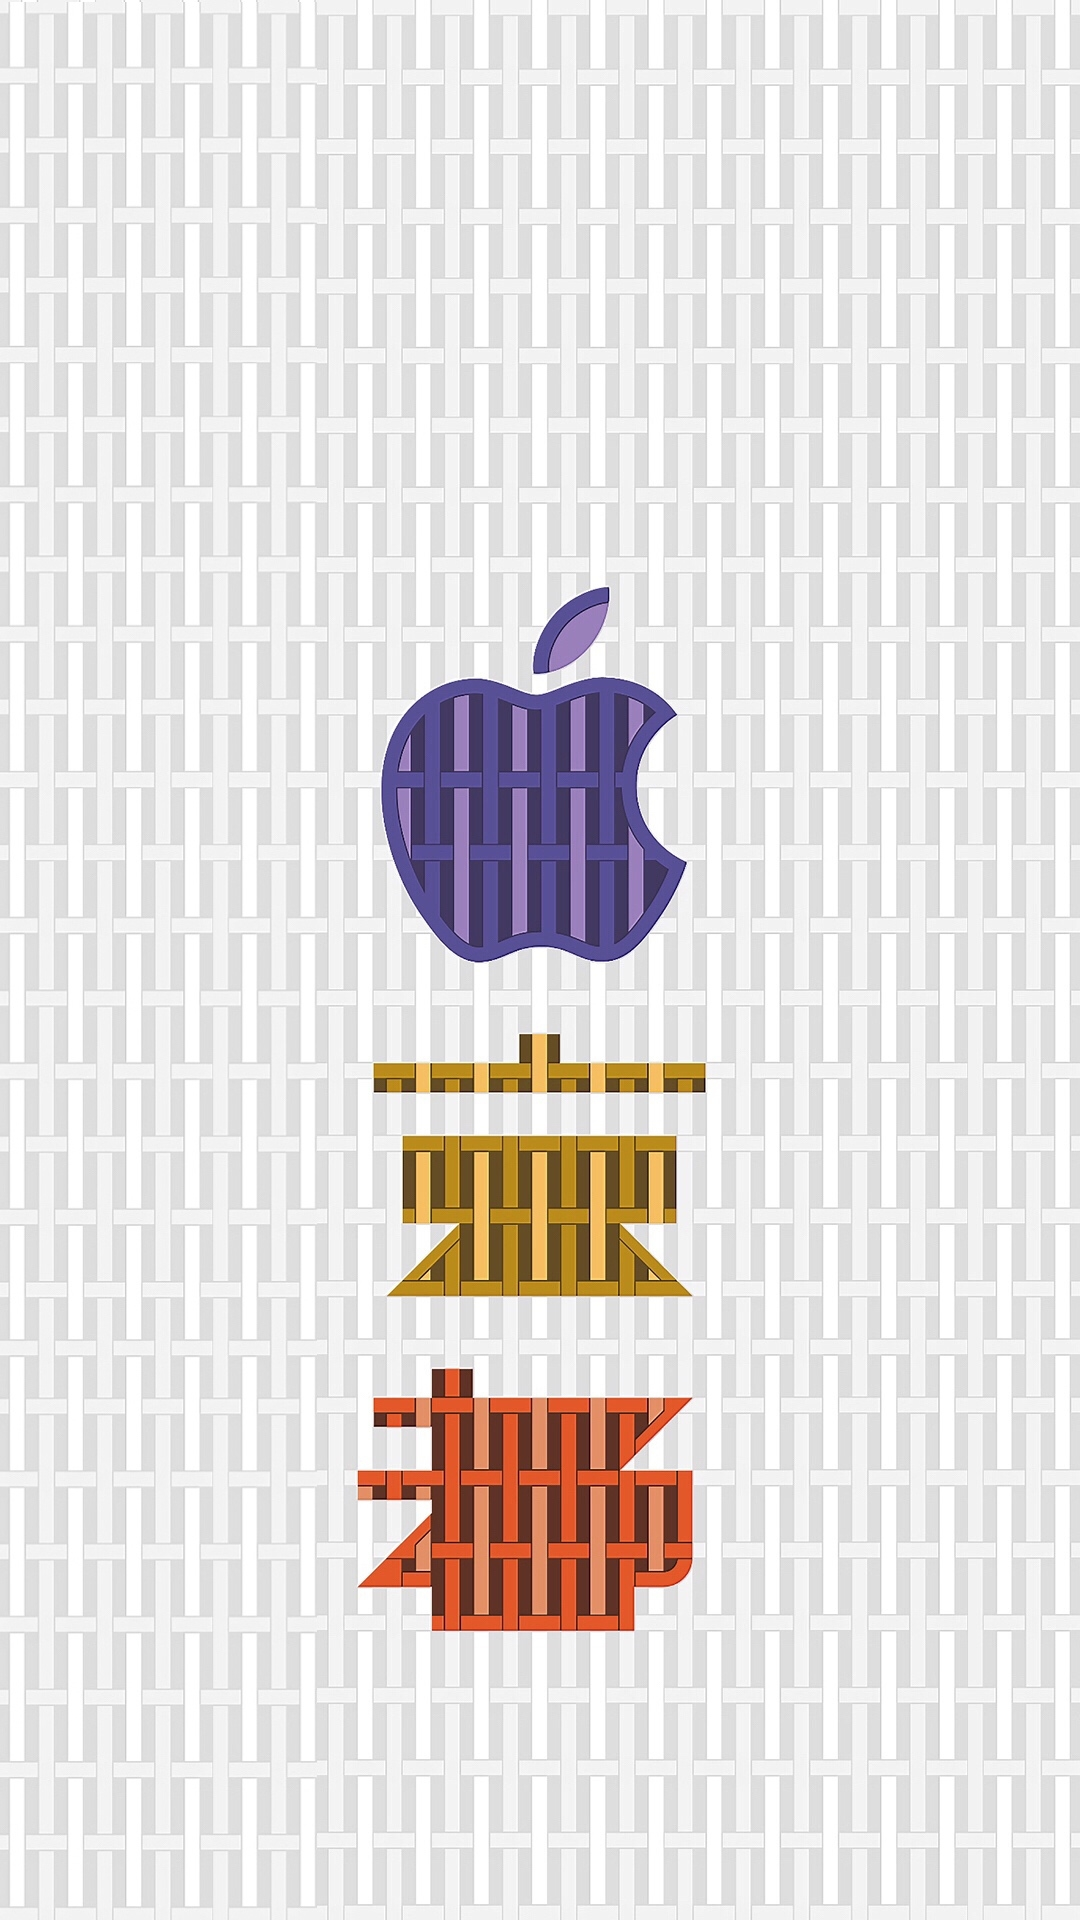 京都 Apple Store